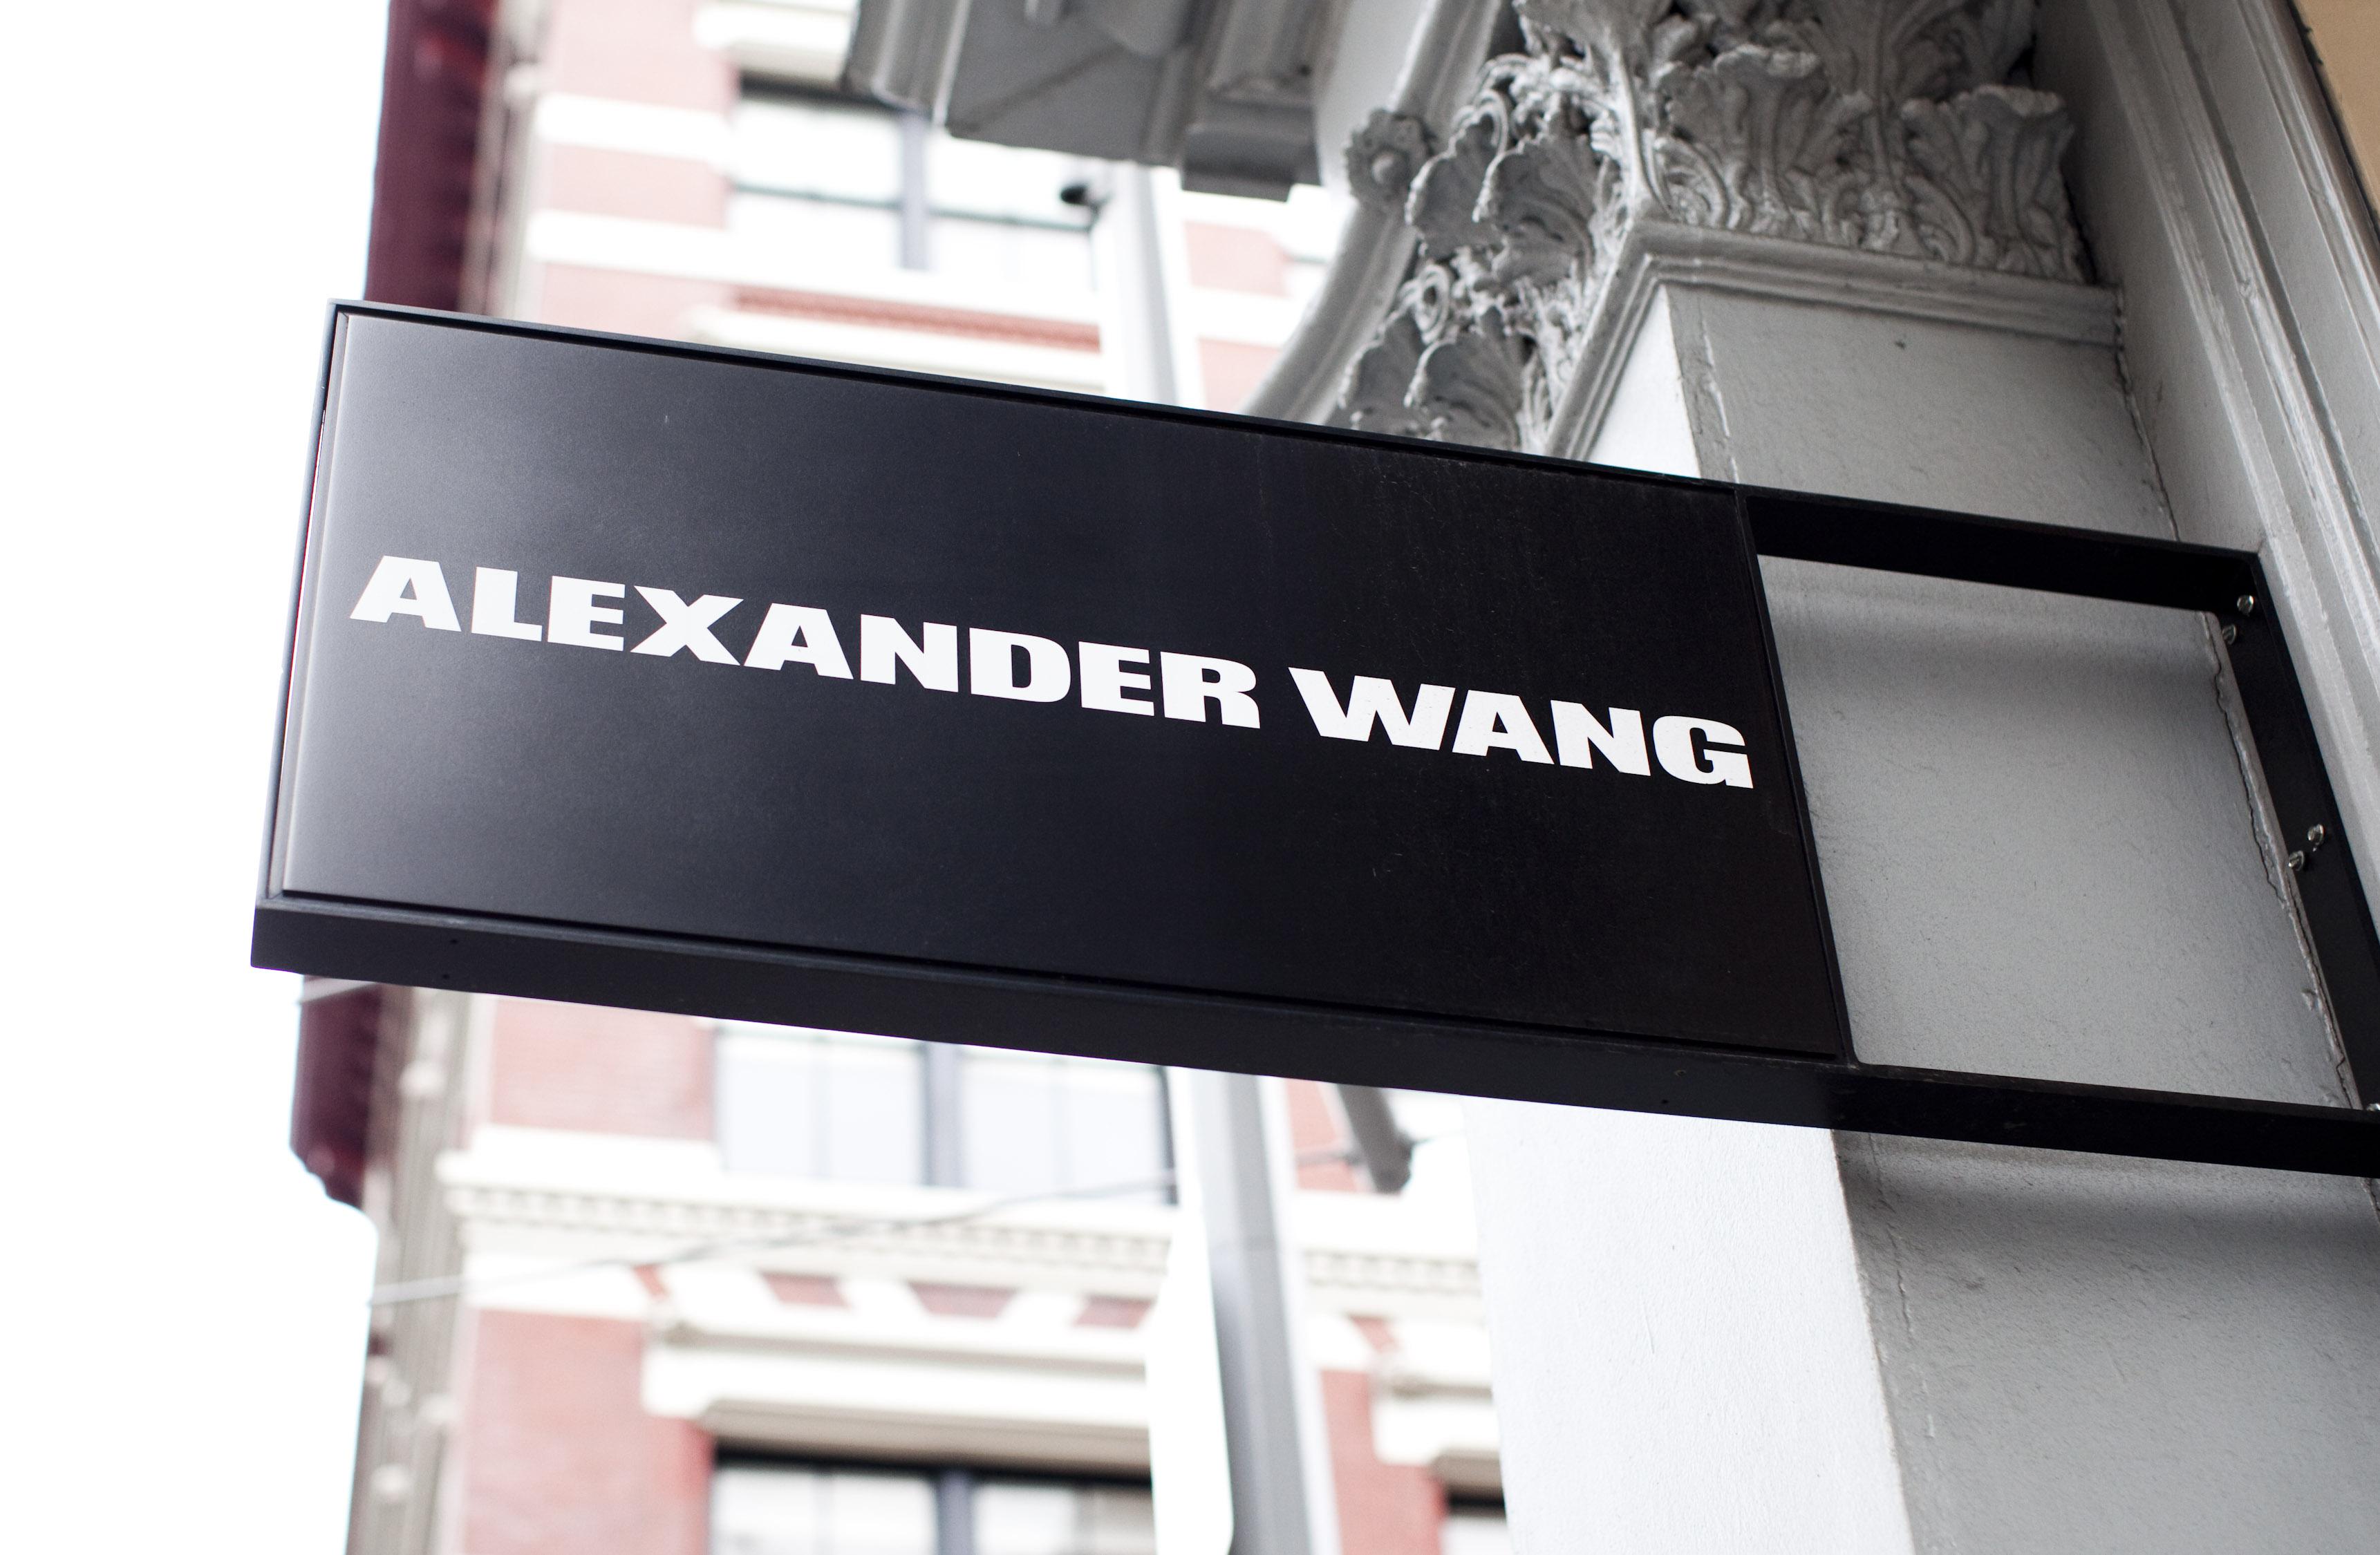 Alexander Wang - Racked NY